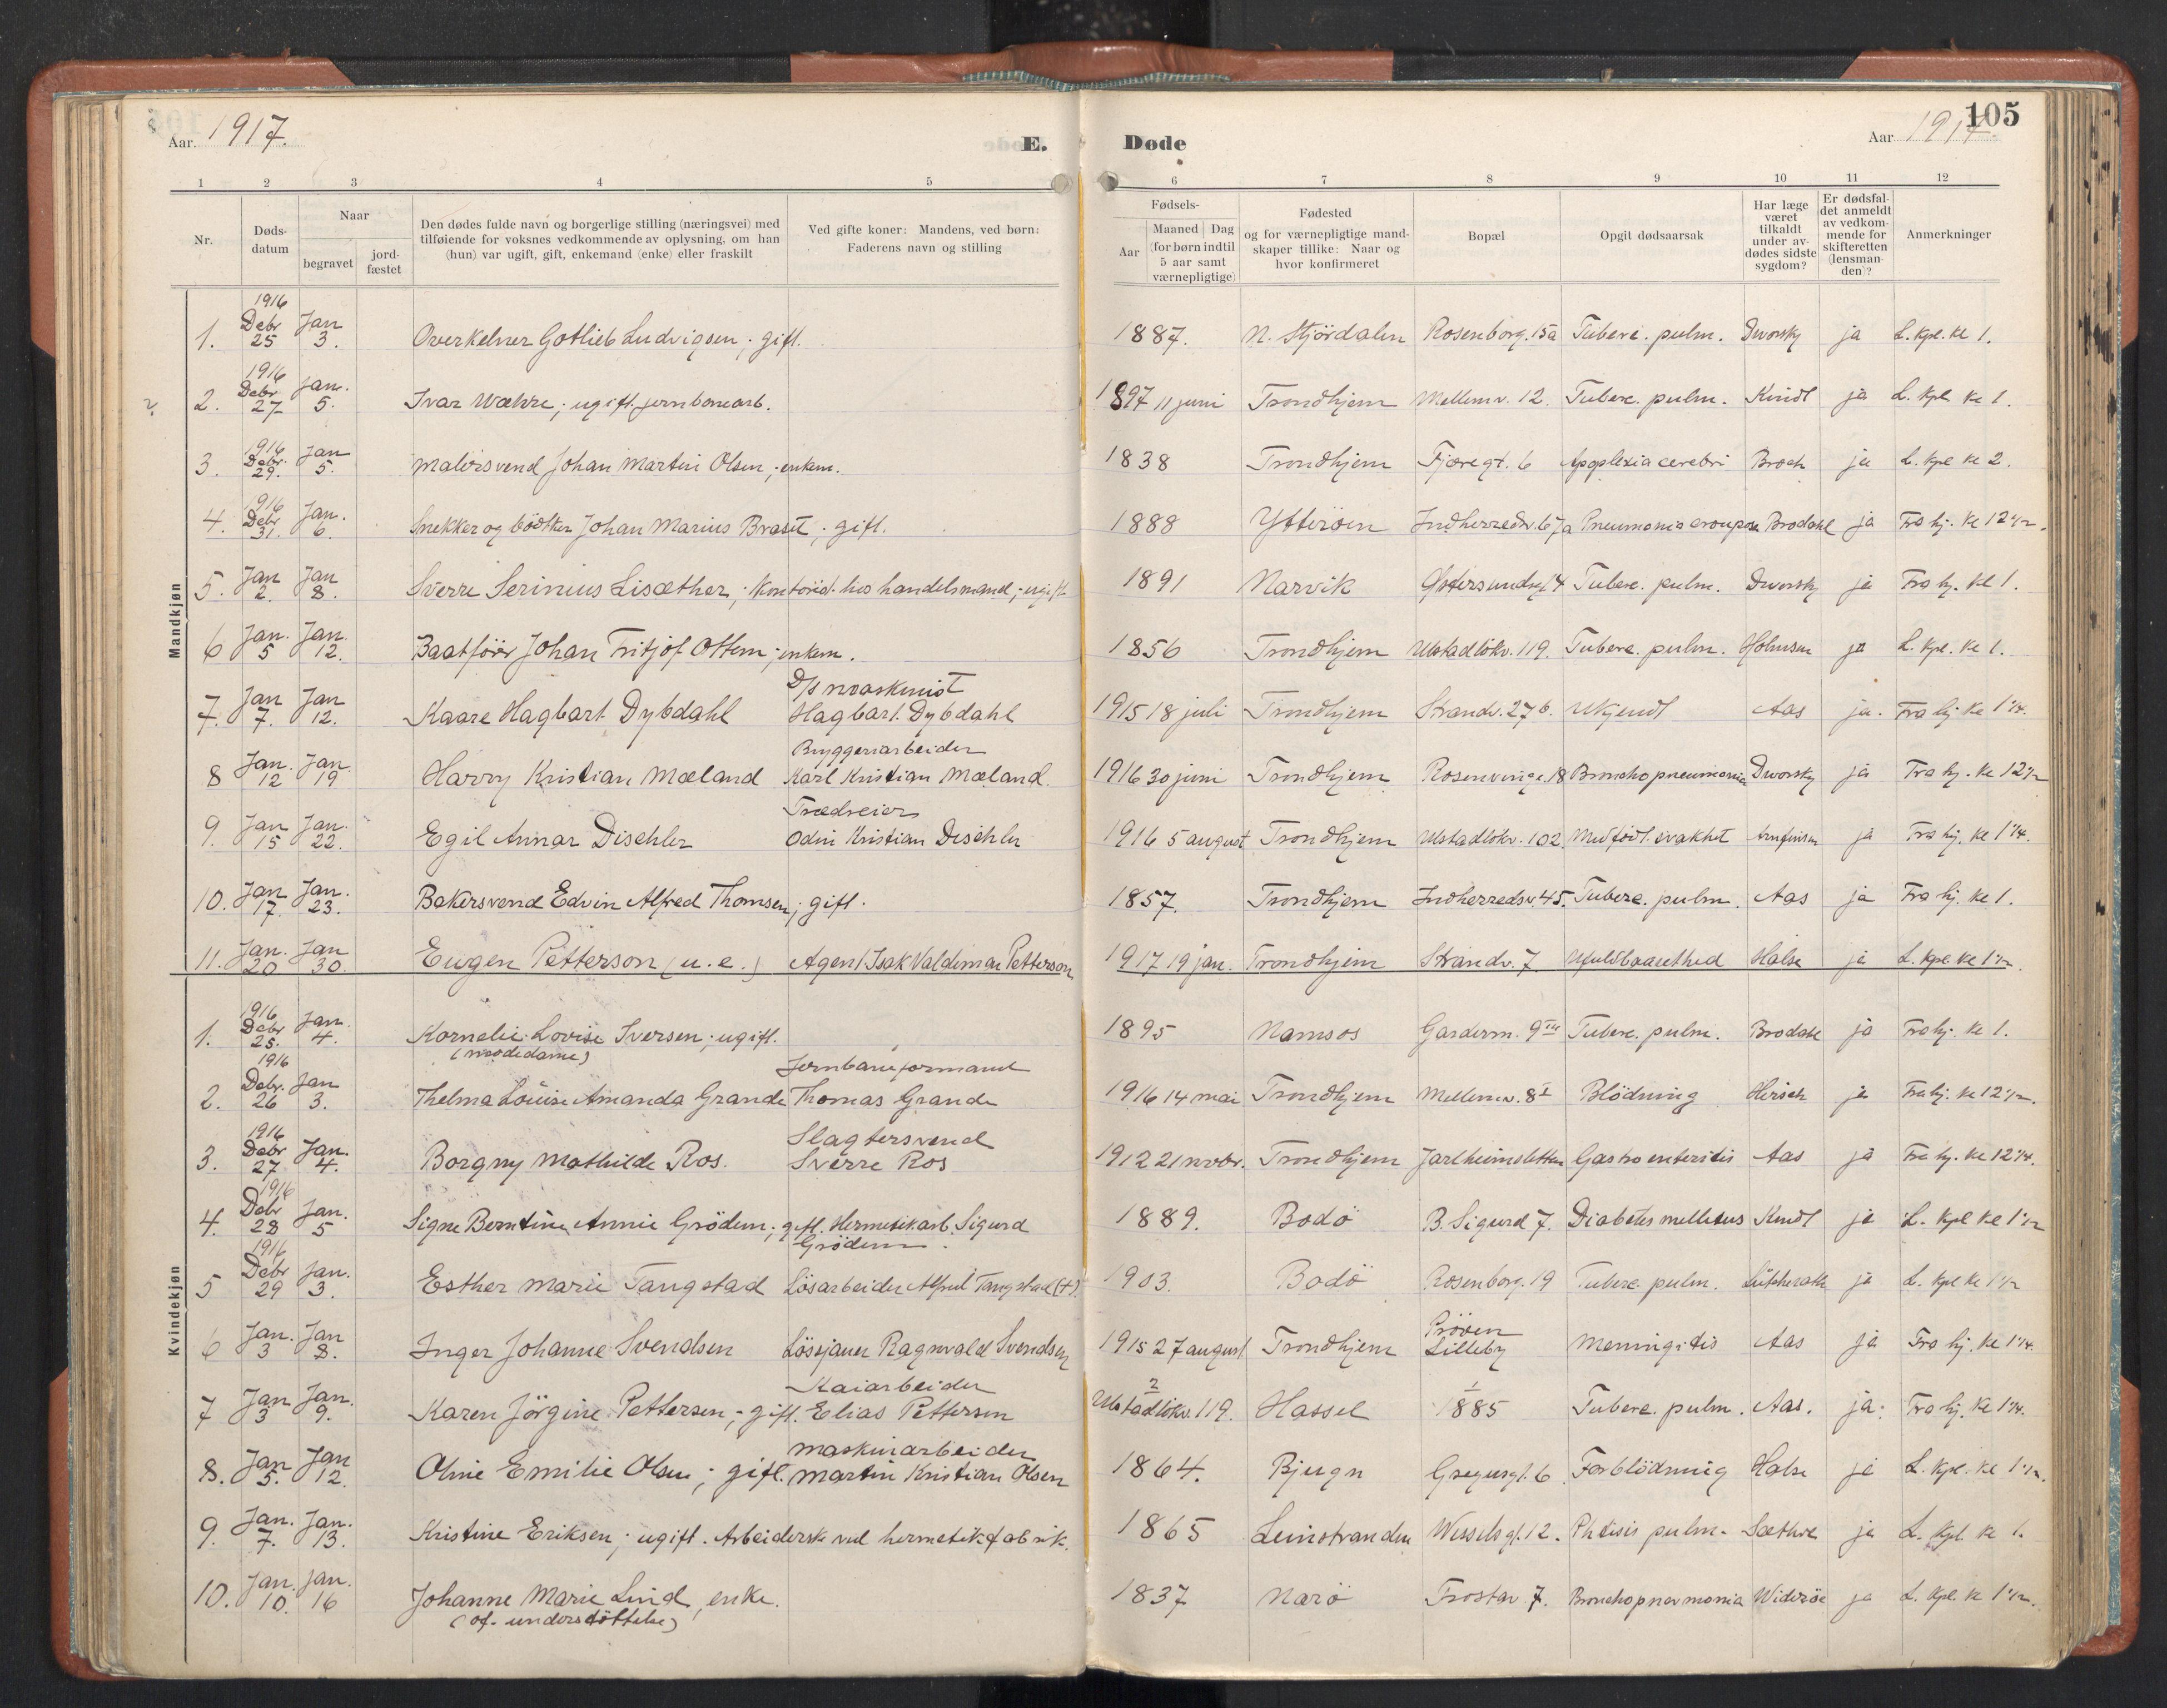 SAT, Ministerialprotokoller, klokkerbøker og fødselsregistre - Sør-Trøndelag, 605/L0245: Ministerialbok nr. 605A07, 1916-1938, s. 105